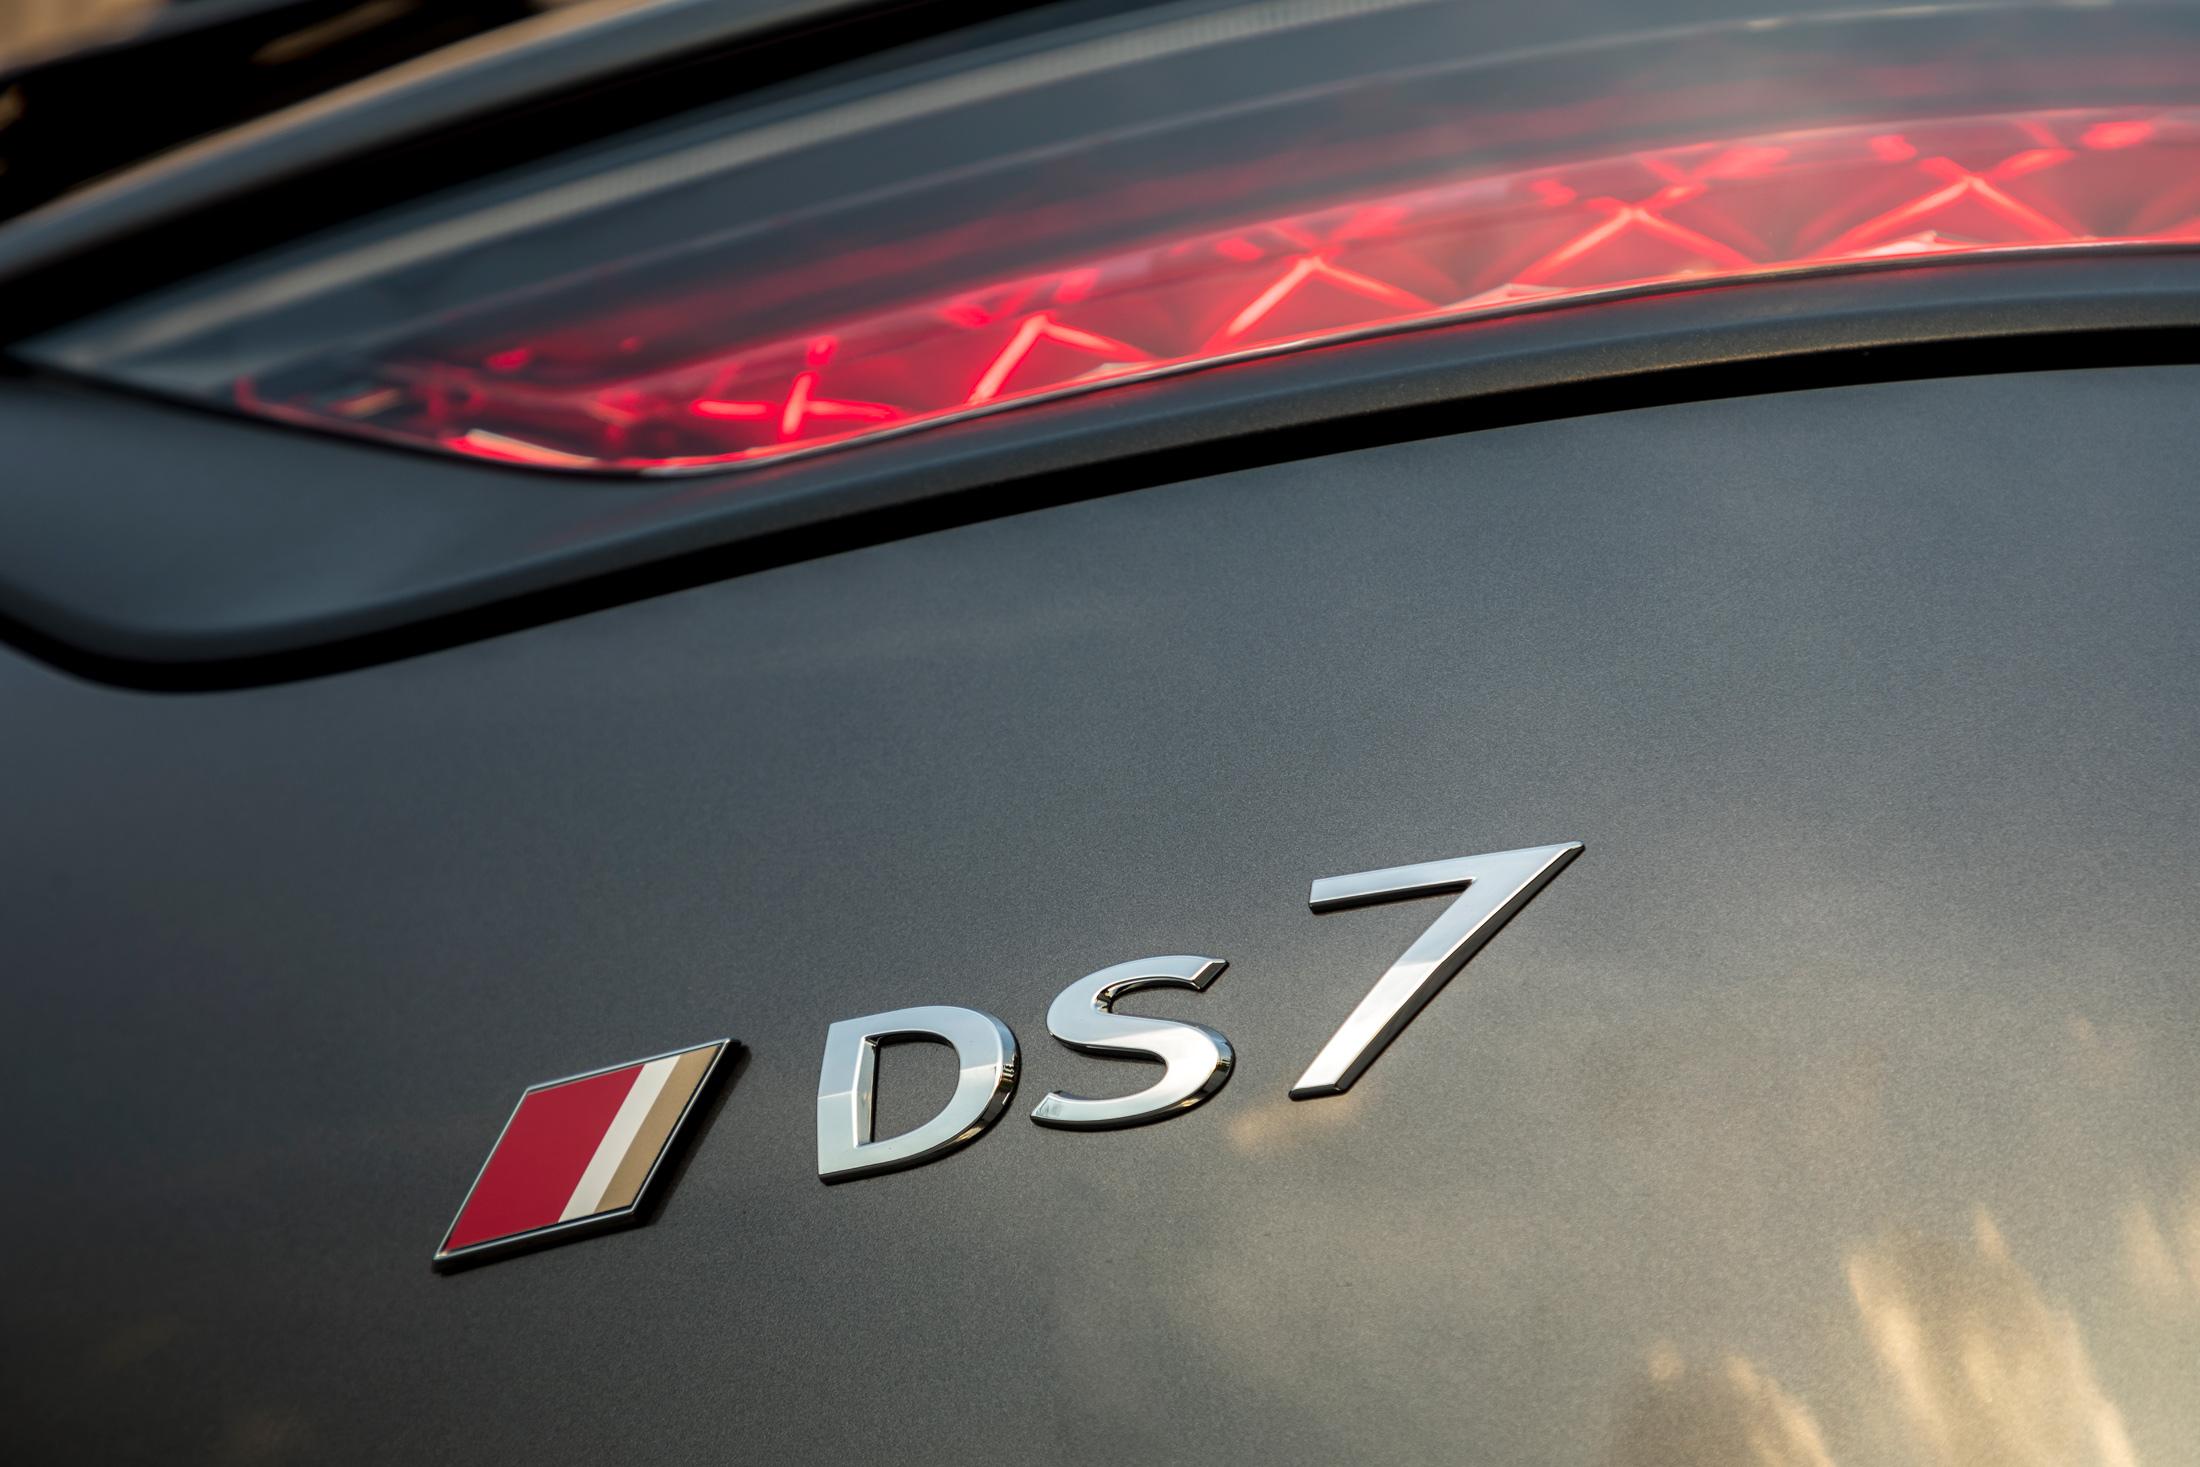 Sollte man sich merken: Mit der DS 7 Crossback bekommt die Marke DS wieder Charakter